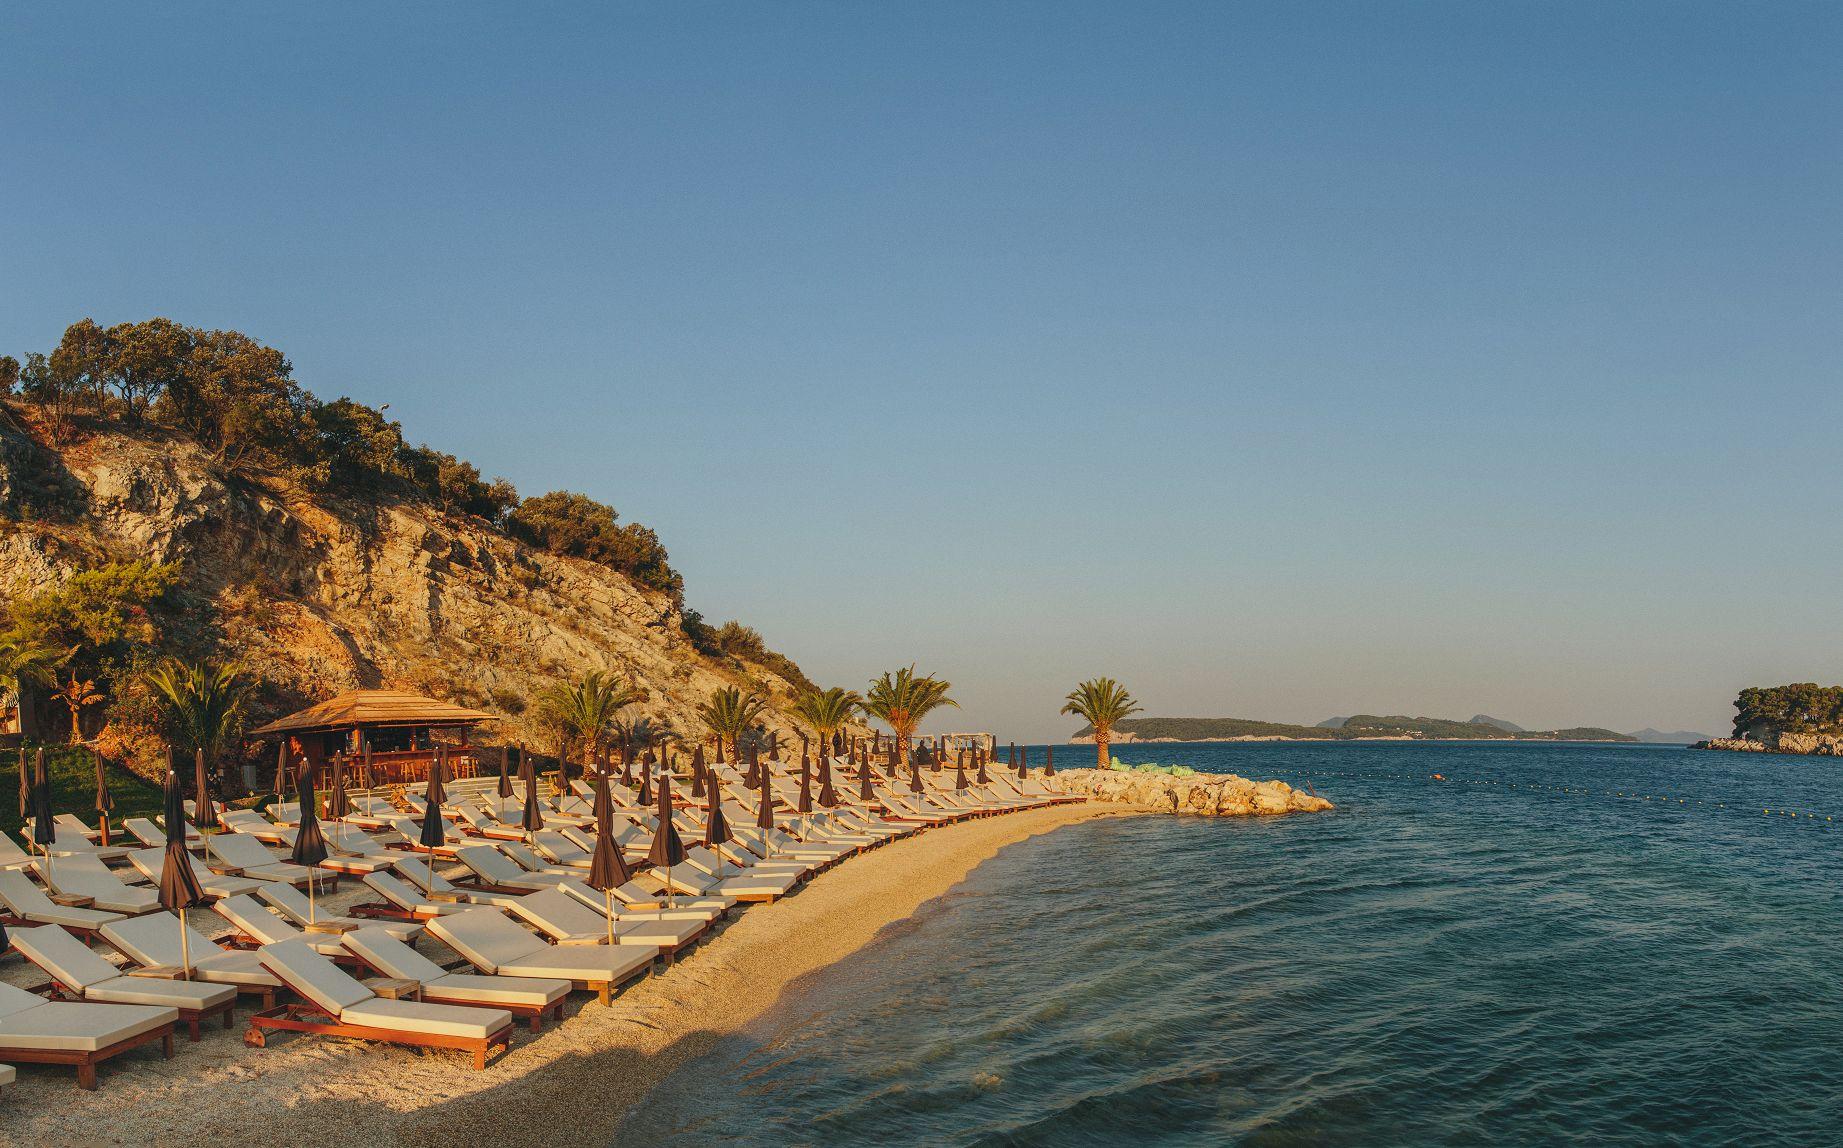 Coral Beach Club - Dubrovnik, Croatia